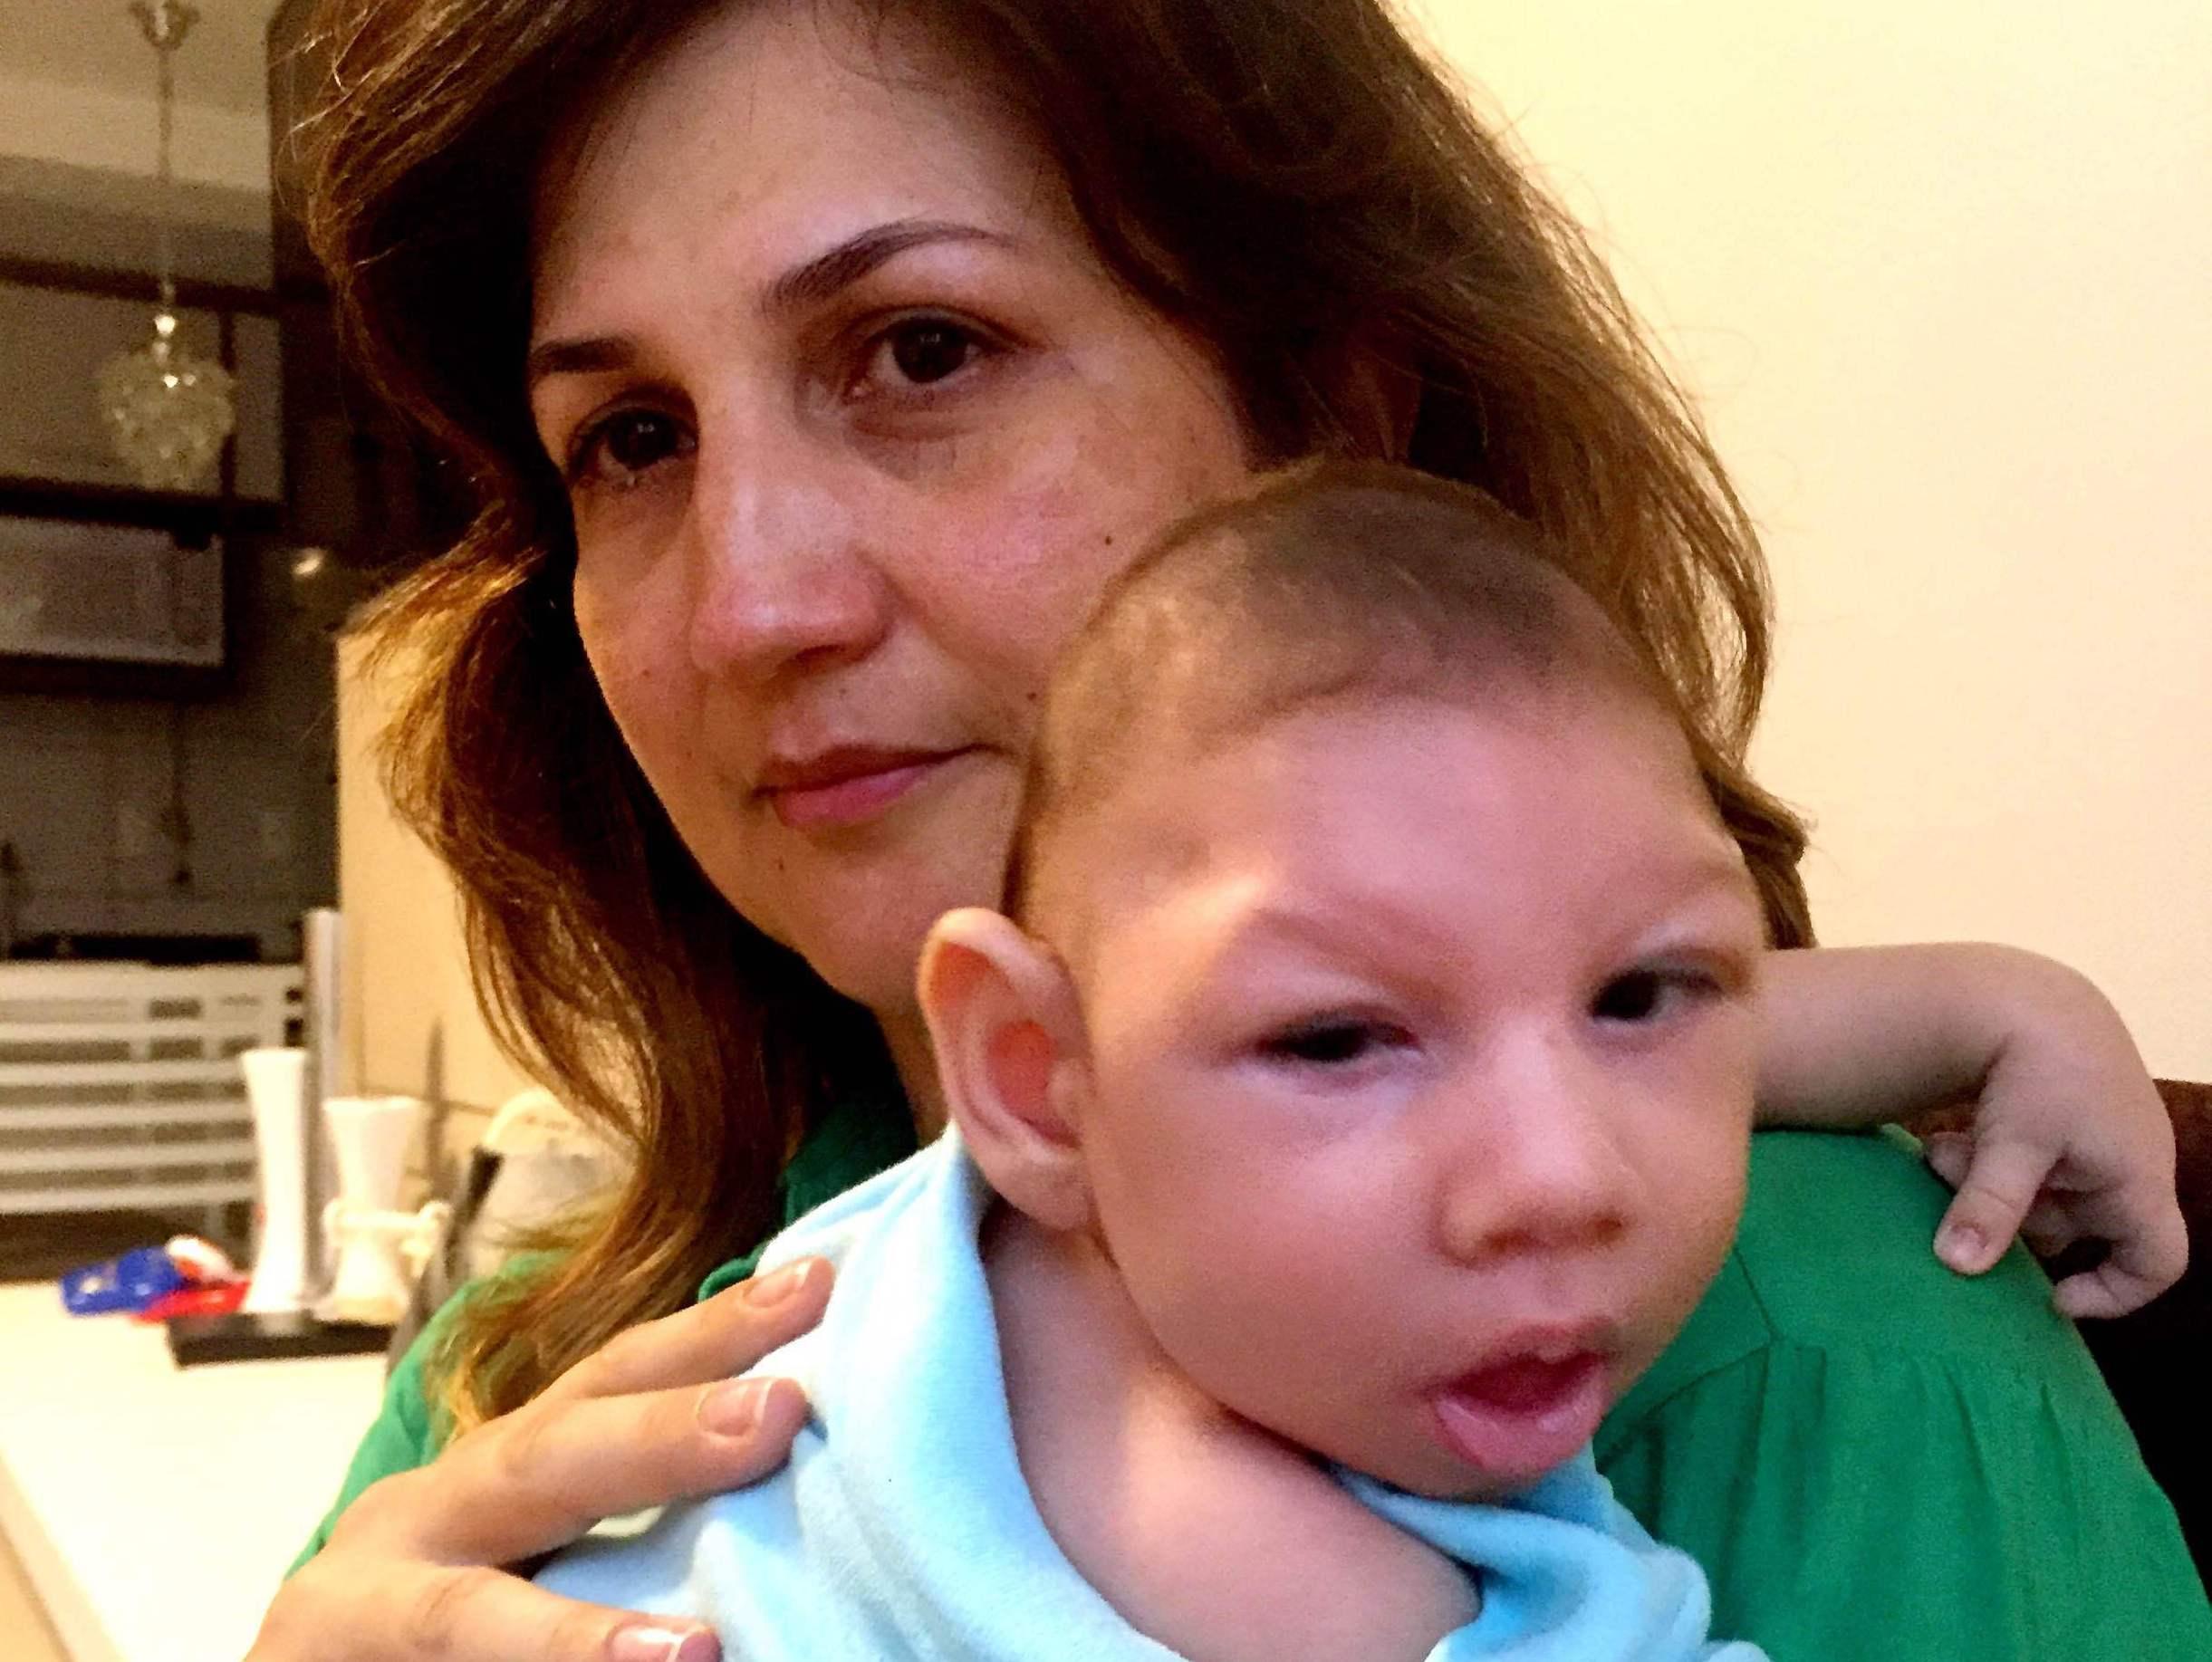 الصحة العالمية: لا يوجد دليل علمي يؤكد علاقة بين فيروس زيكا وصغر حجم رأس المواليد | الإذاعة الجزائرية